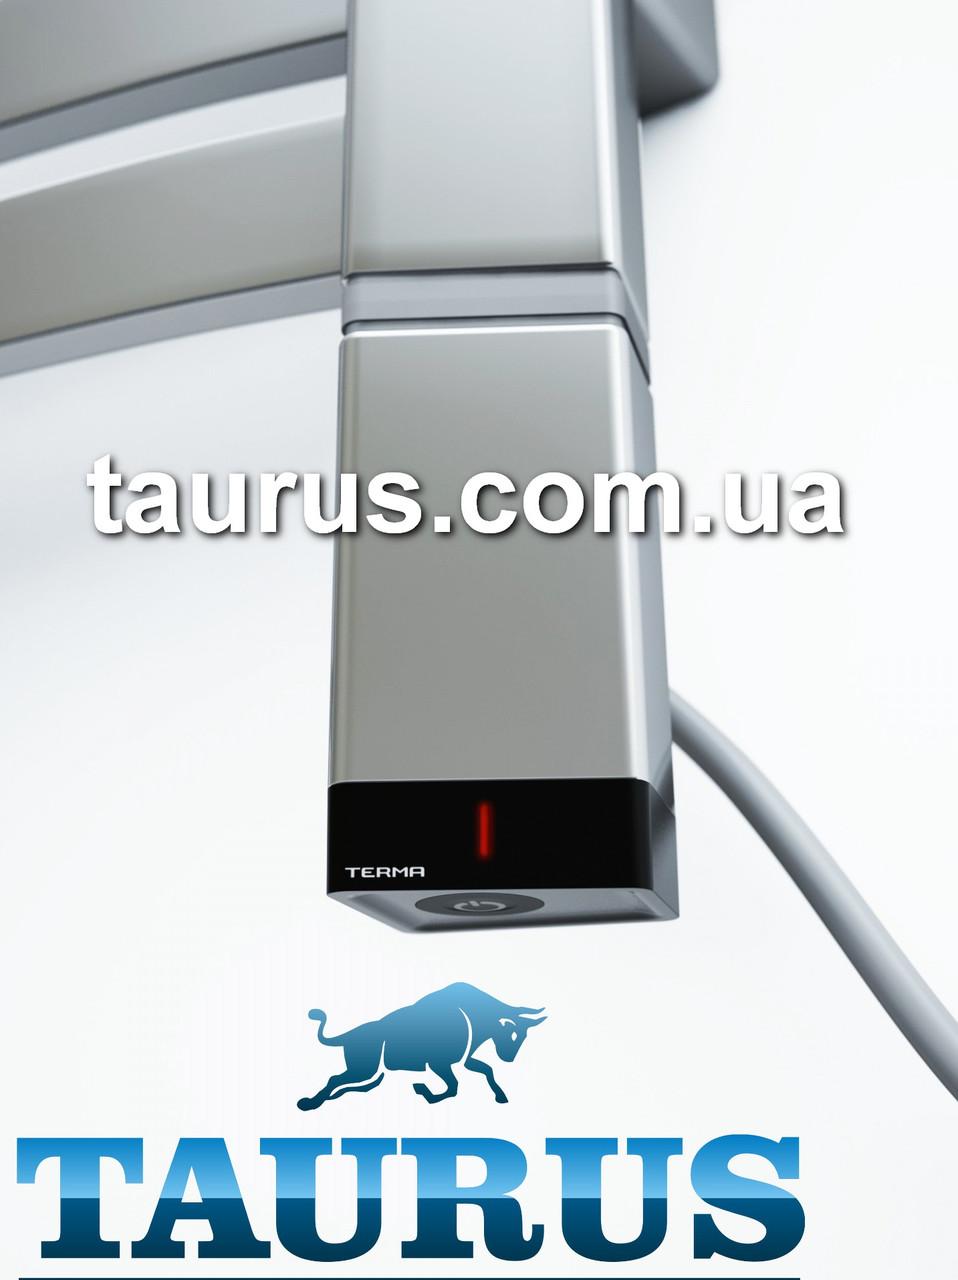 Серебряный электроТЭН ONE профиль Трапеция 36х40: регулятор +таймер 2 ч. + LED, под пульт ДУ. Серый. Польша